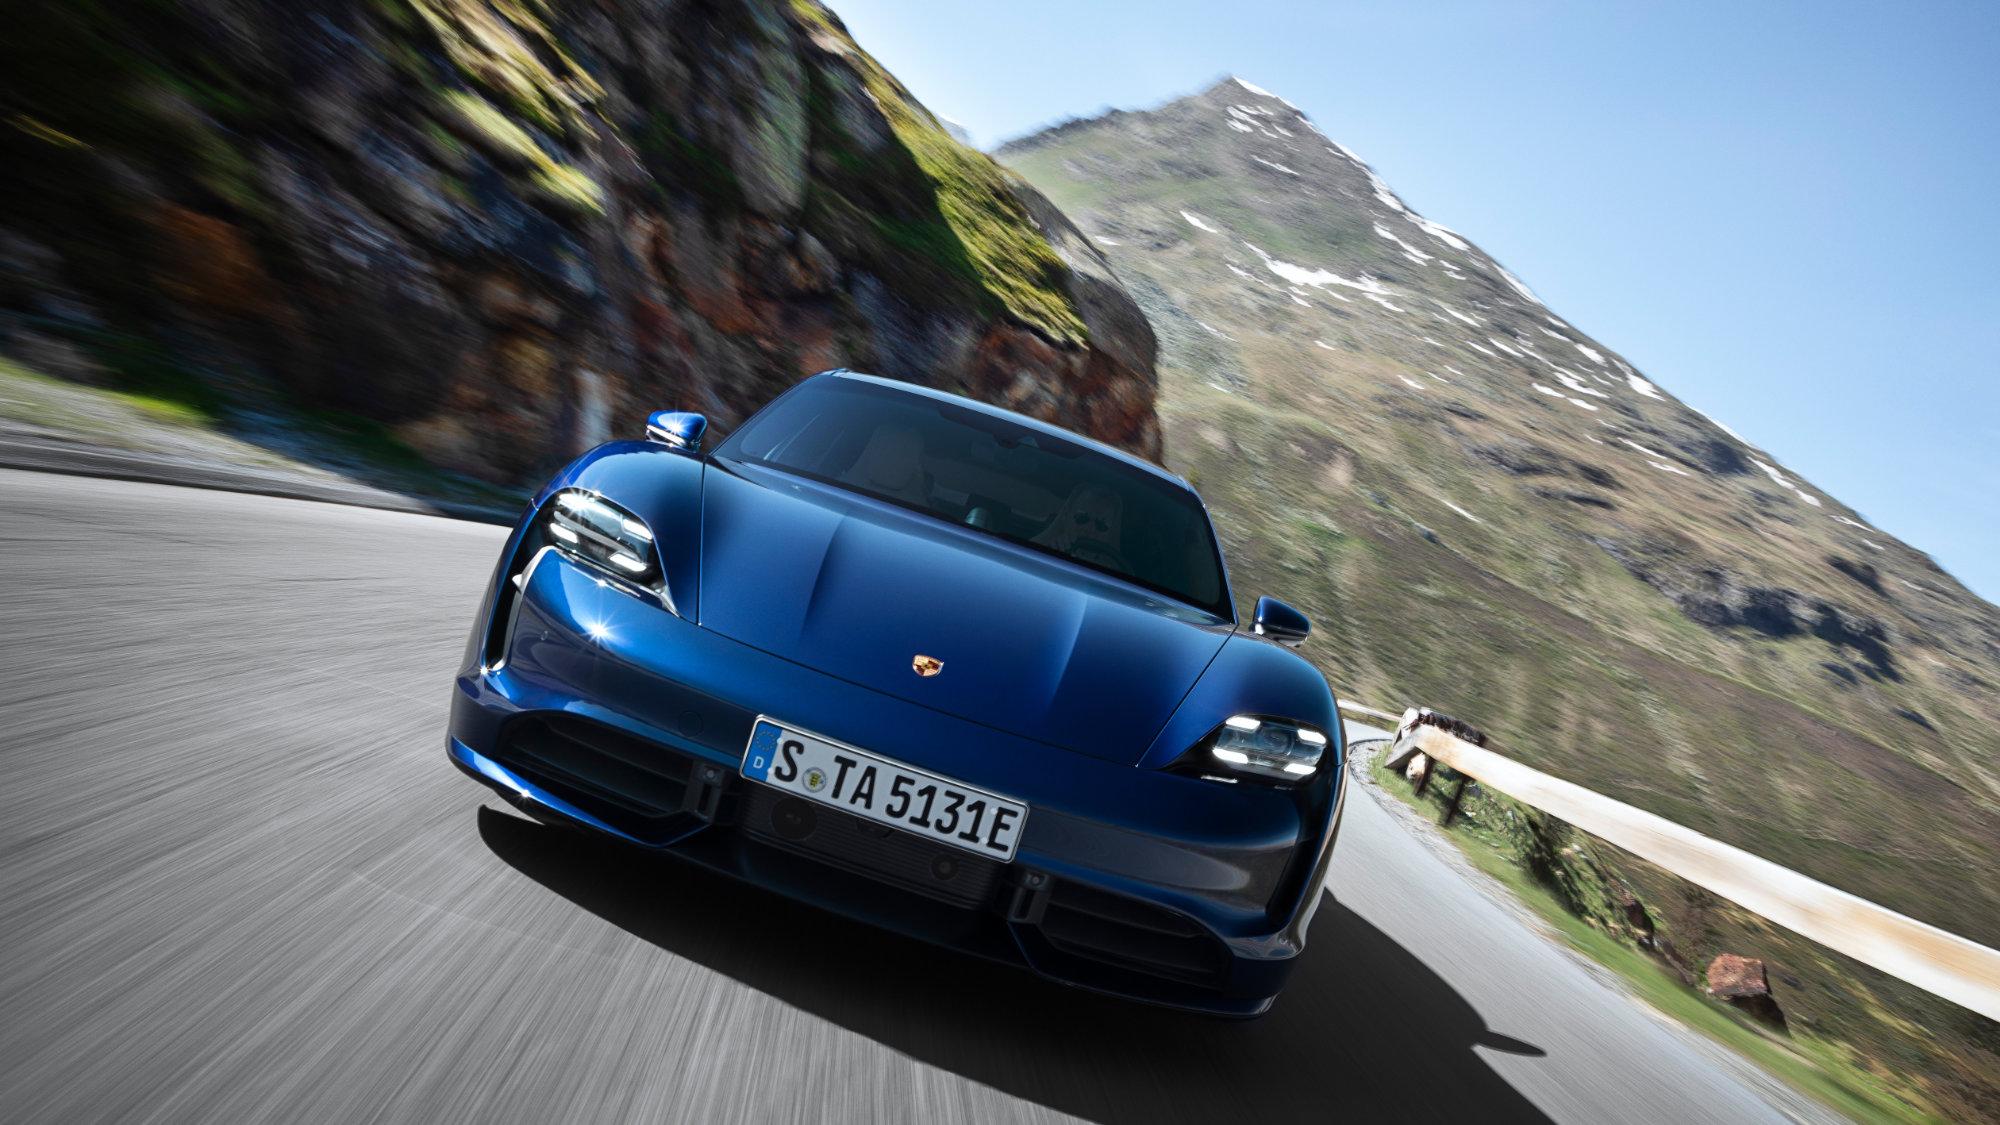 La Porsche Taycan électrique serait retardée de plusieurs semaines